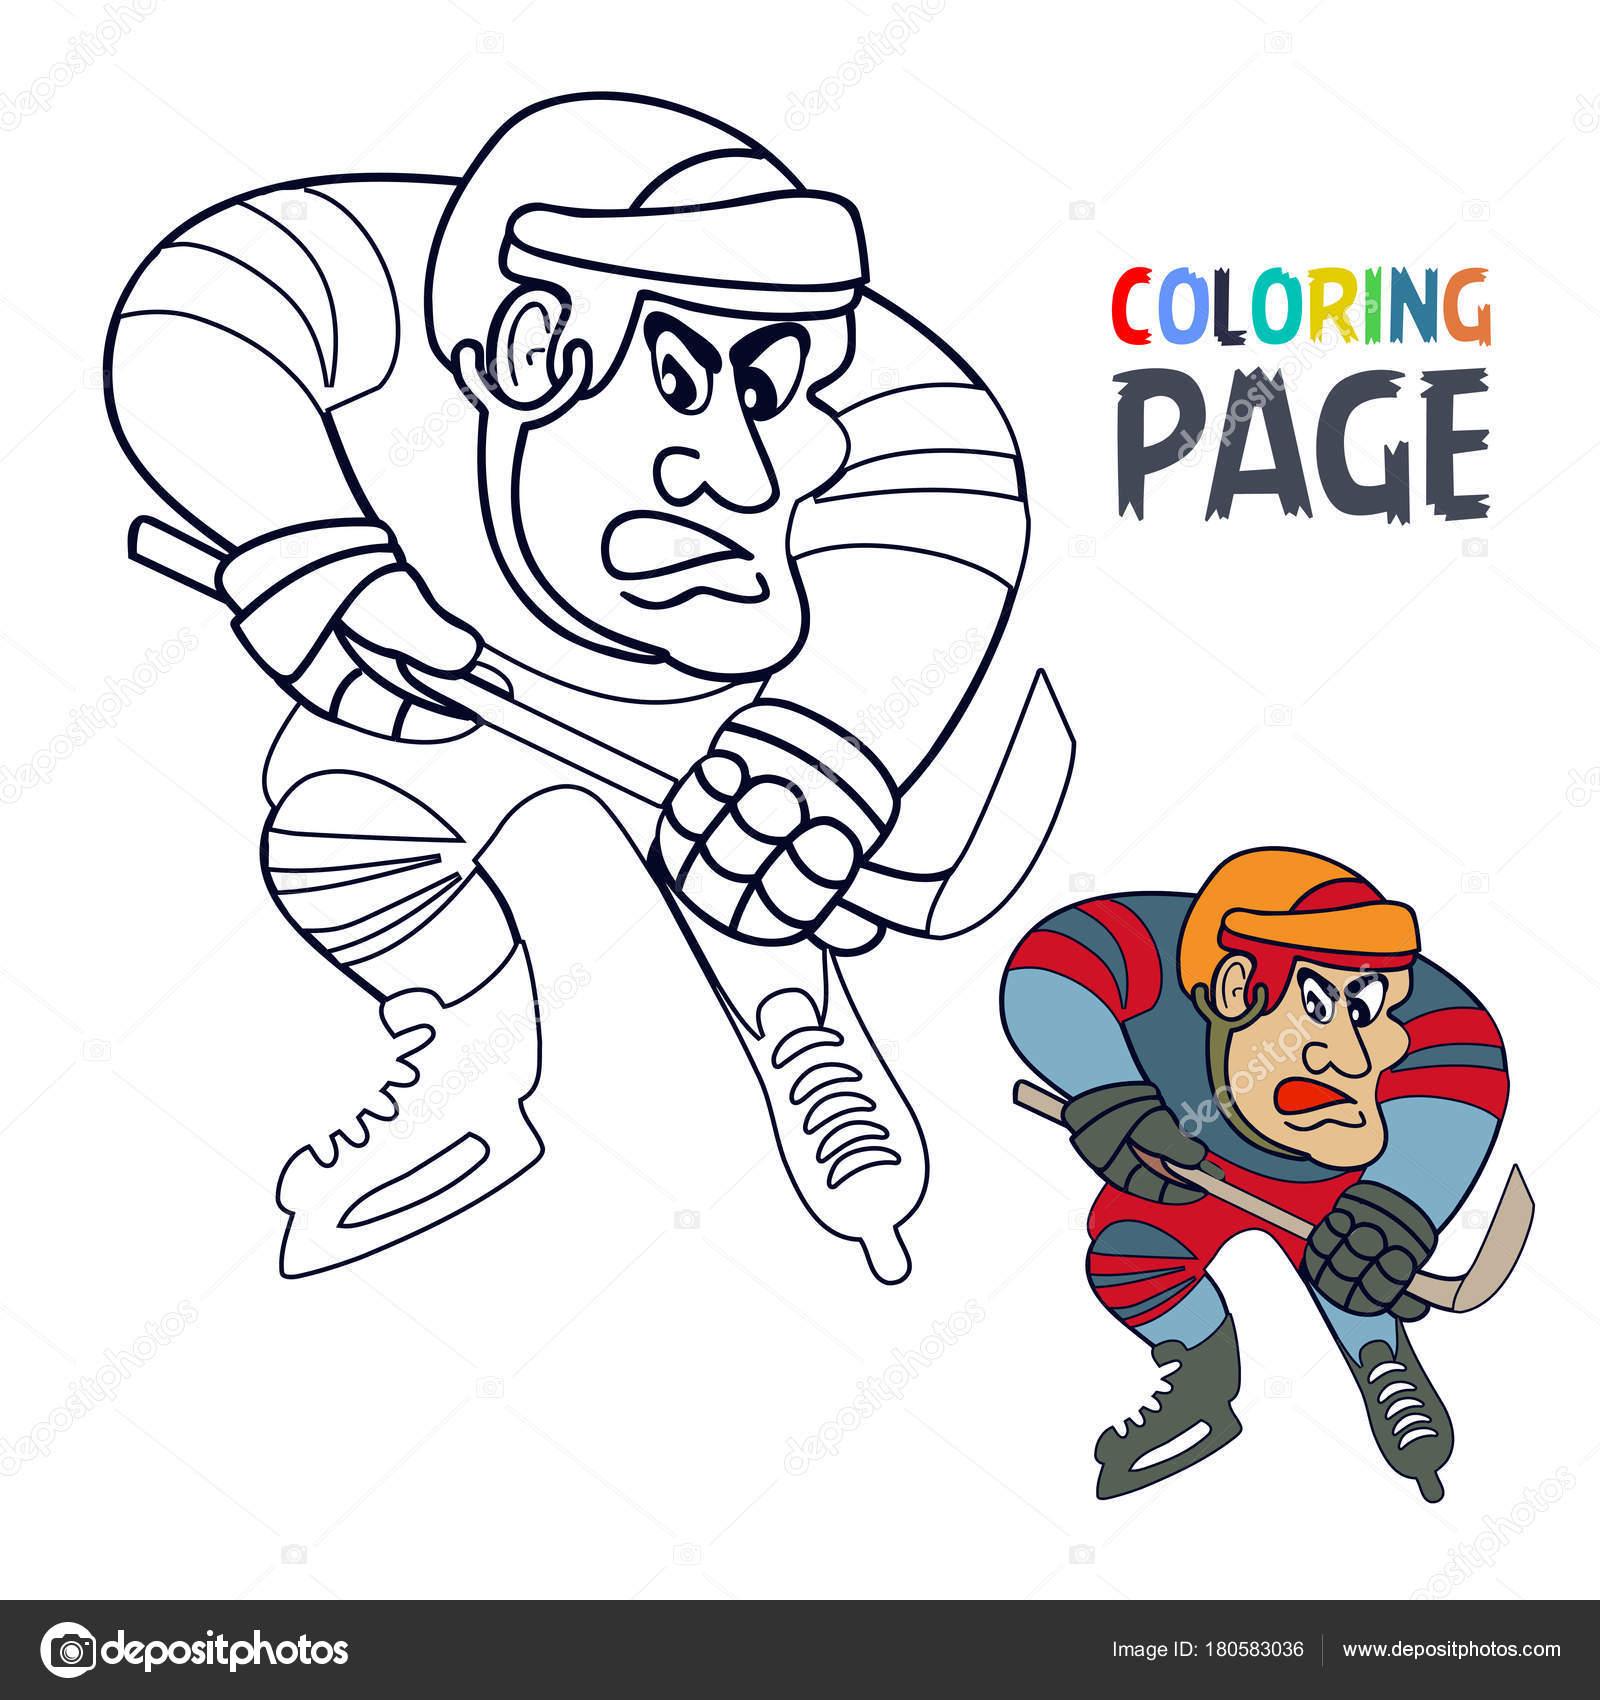 Kleurplaat Met Hockey Speler Cartoon Stockvector C Oriu007 180583036